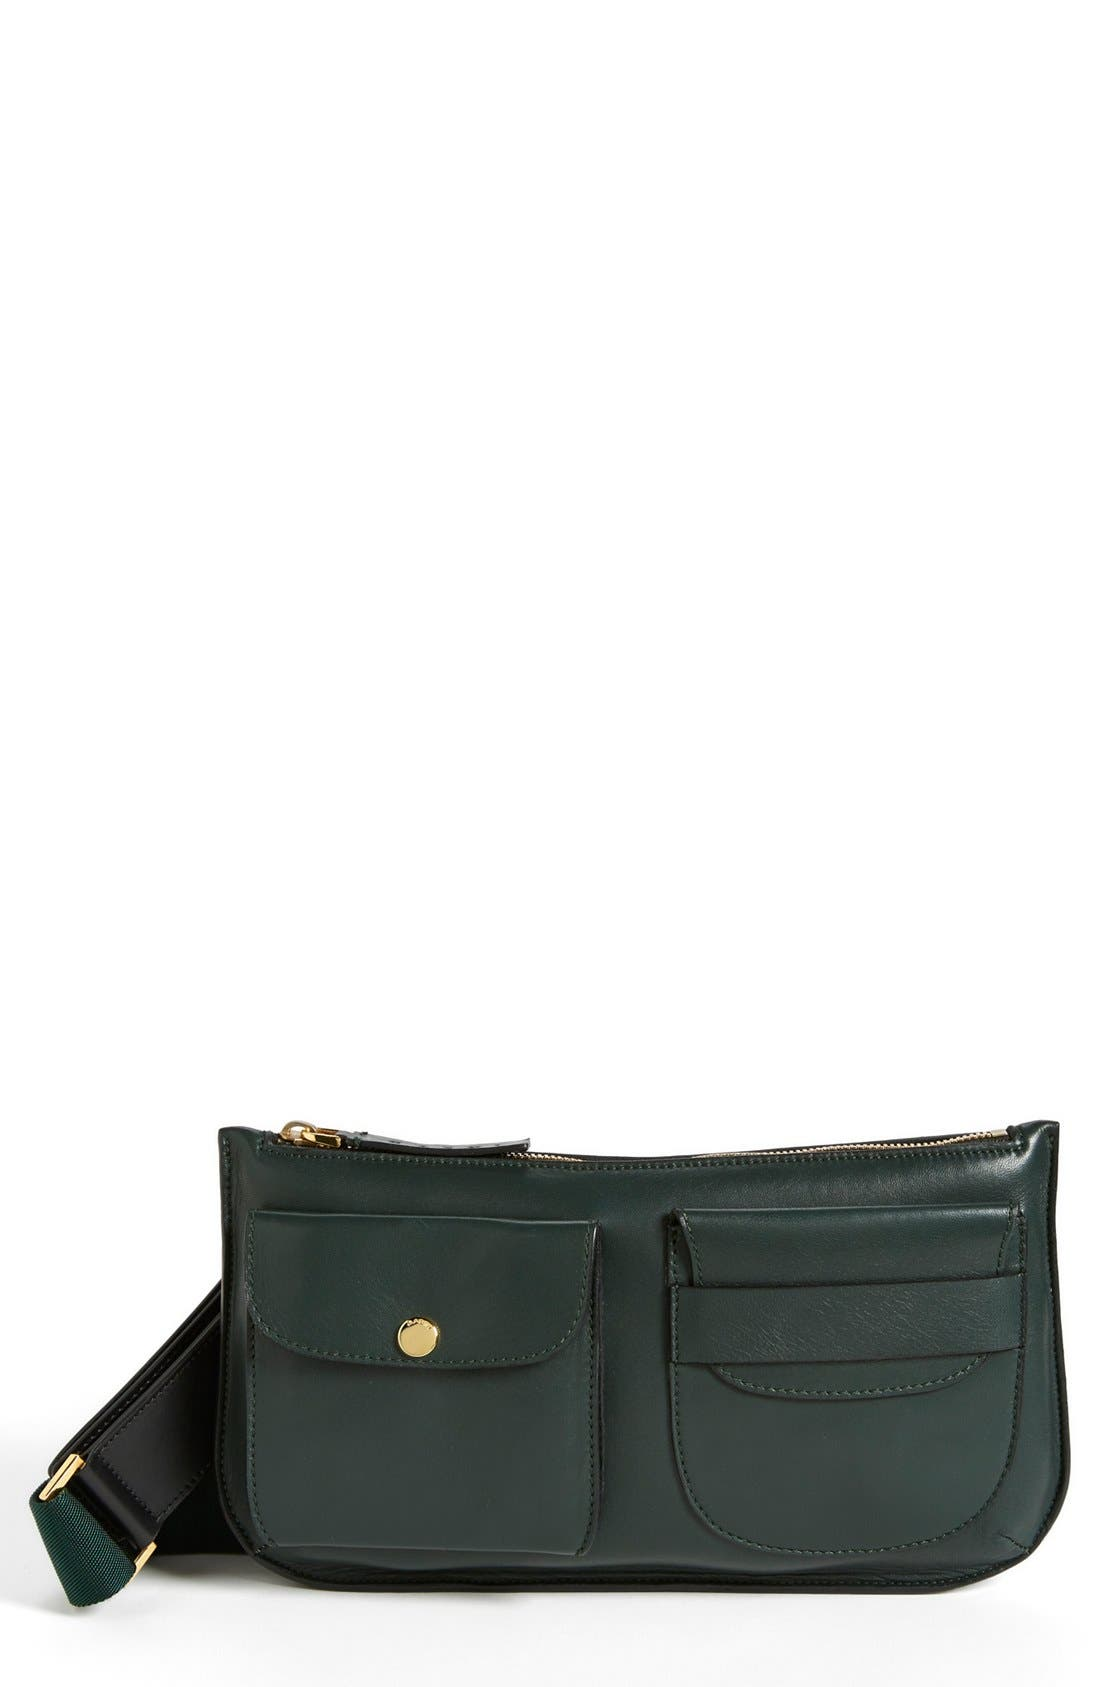 Alternate Image 1 Selected - Marni Leather Belt Bag